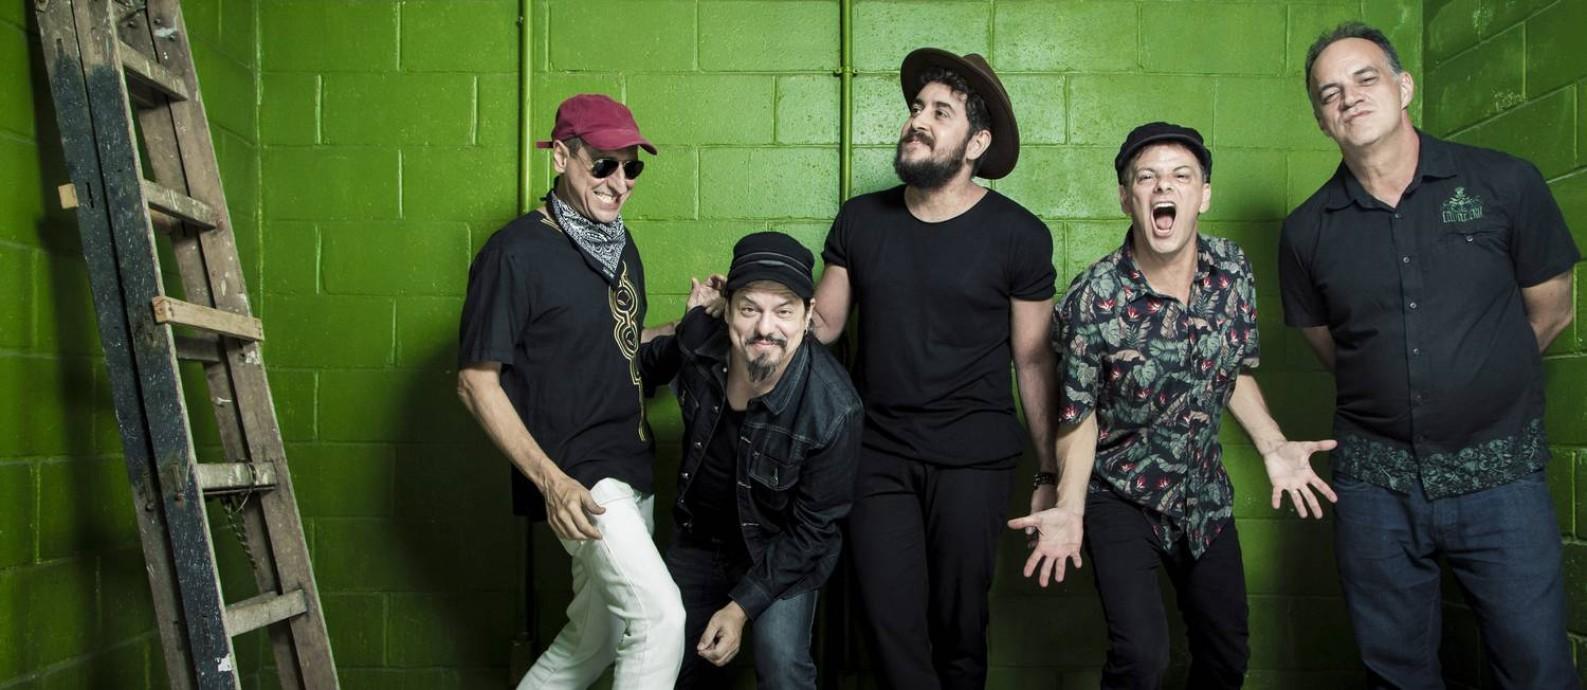 A banda de rock Barão Vermelho se prepara para retornar aos palcos com nova formação Foto: Leo Martins / Agência O Globo